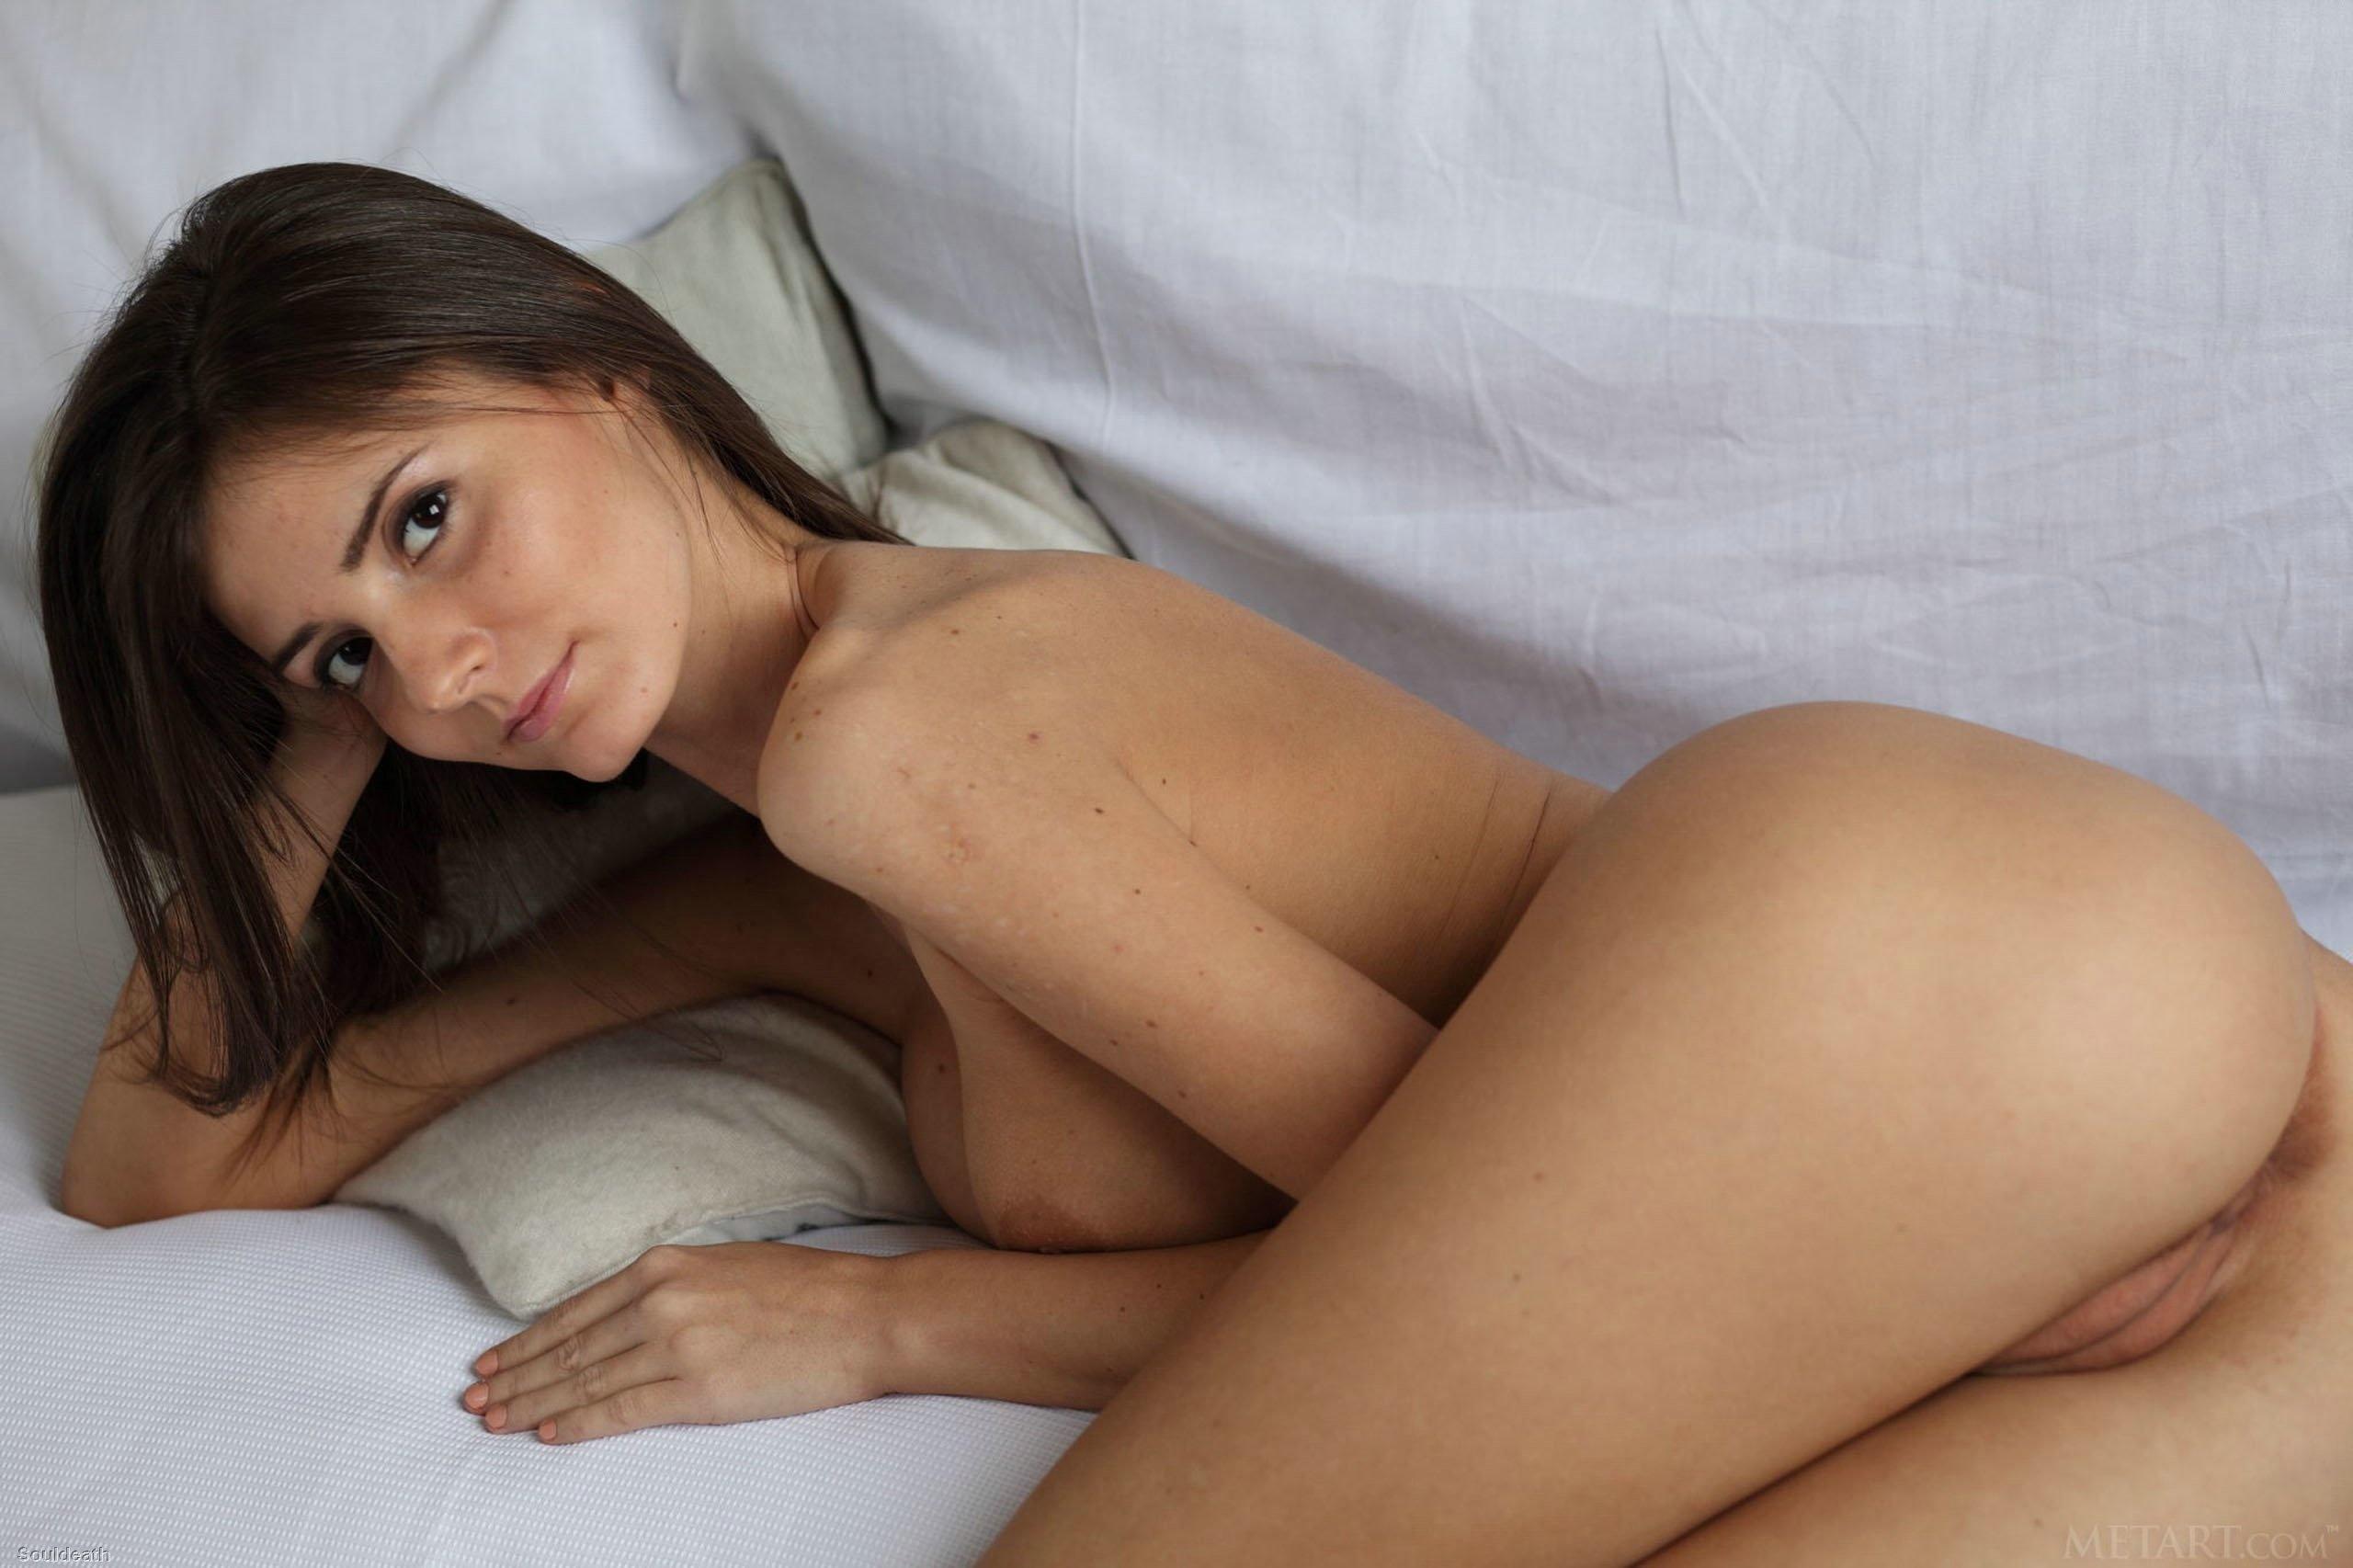 naked female celebs fingering themselfsgifs